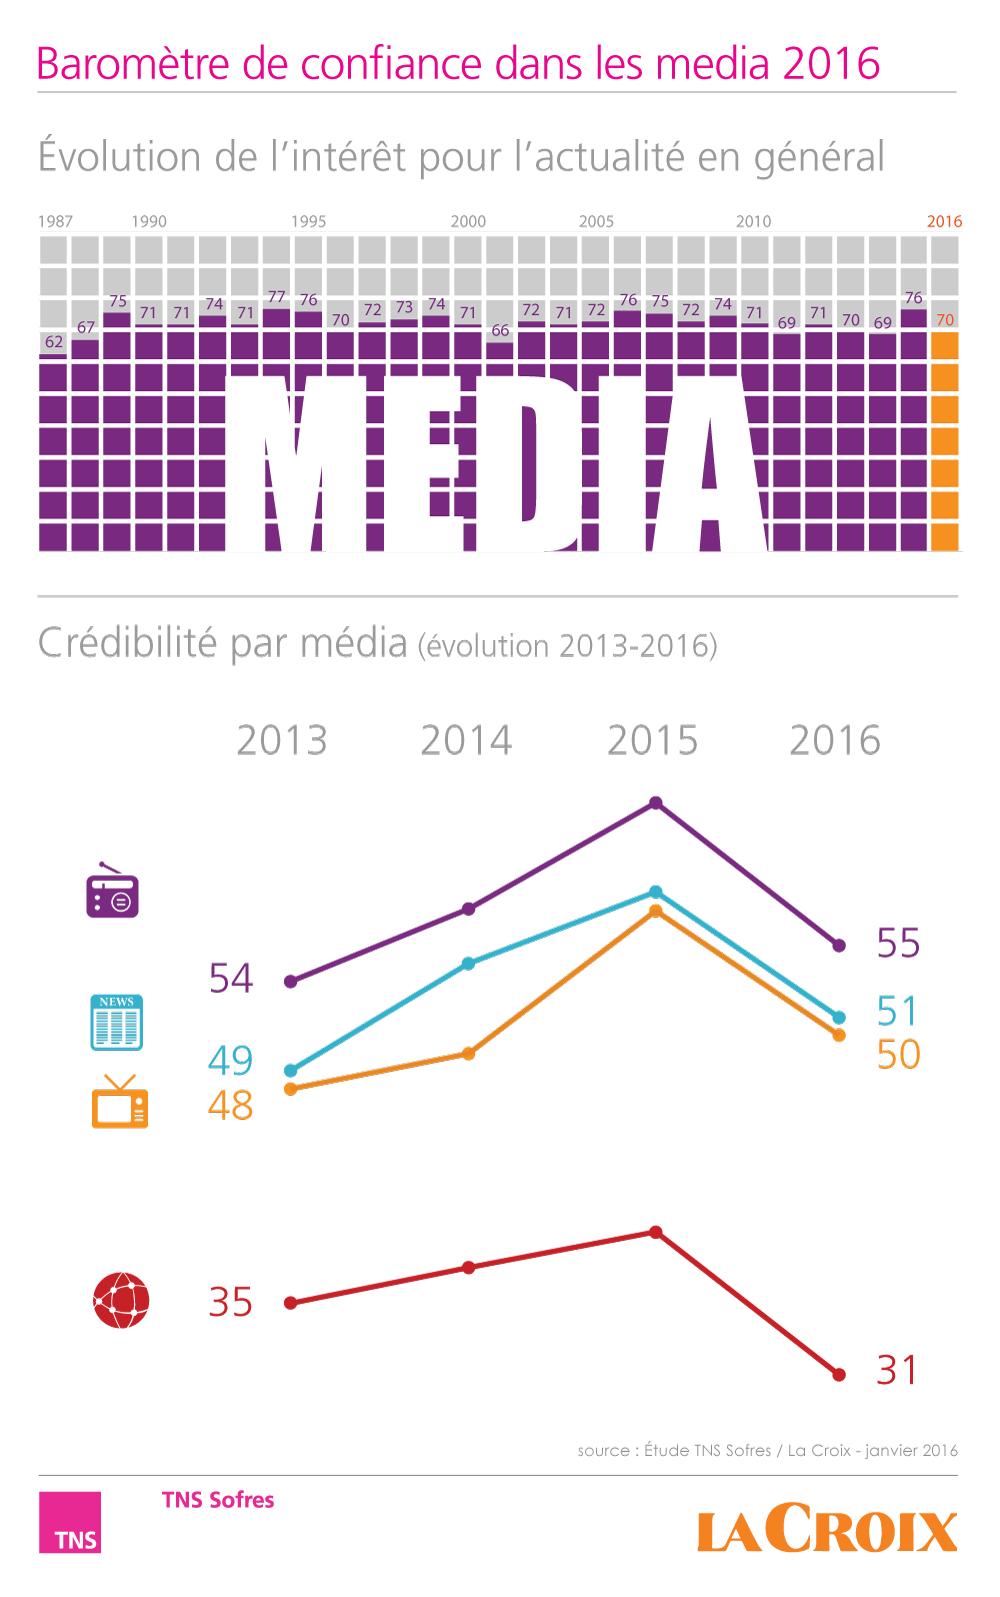 Baromètre 2016 de confiance des Français dans les media http://www.tns-sofres.com/etudes-et-points-de-vue/barometre-2016-de-confiance-des-francais-dans-les-media